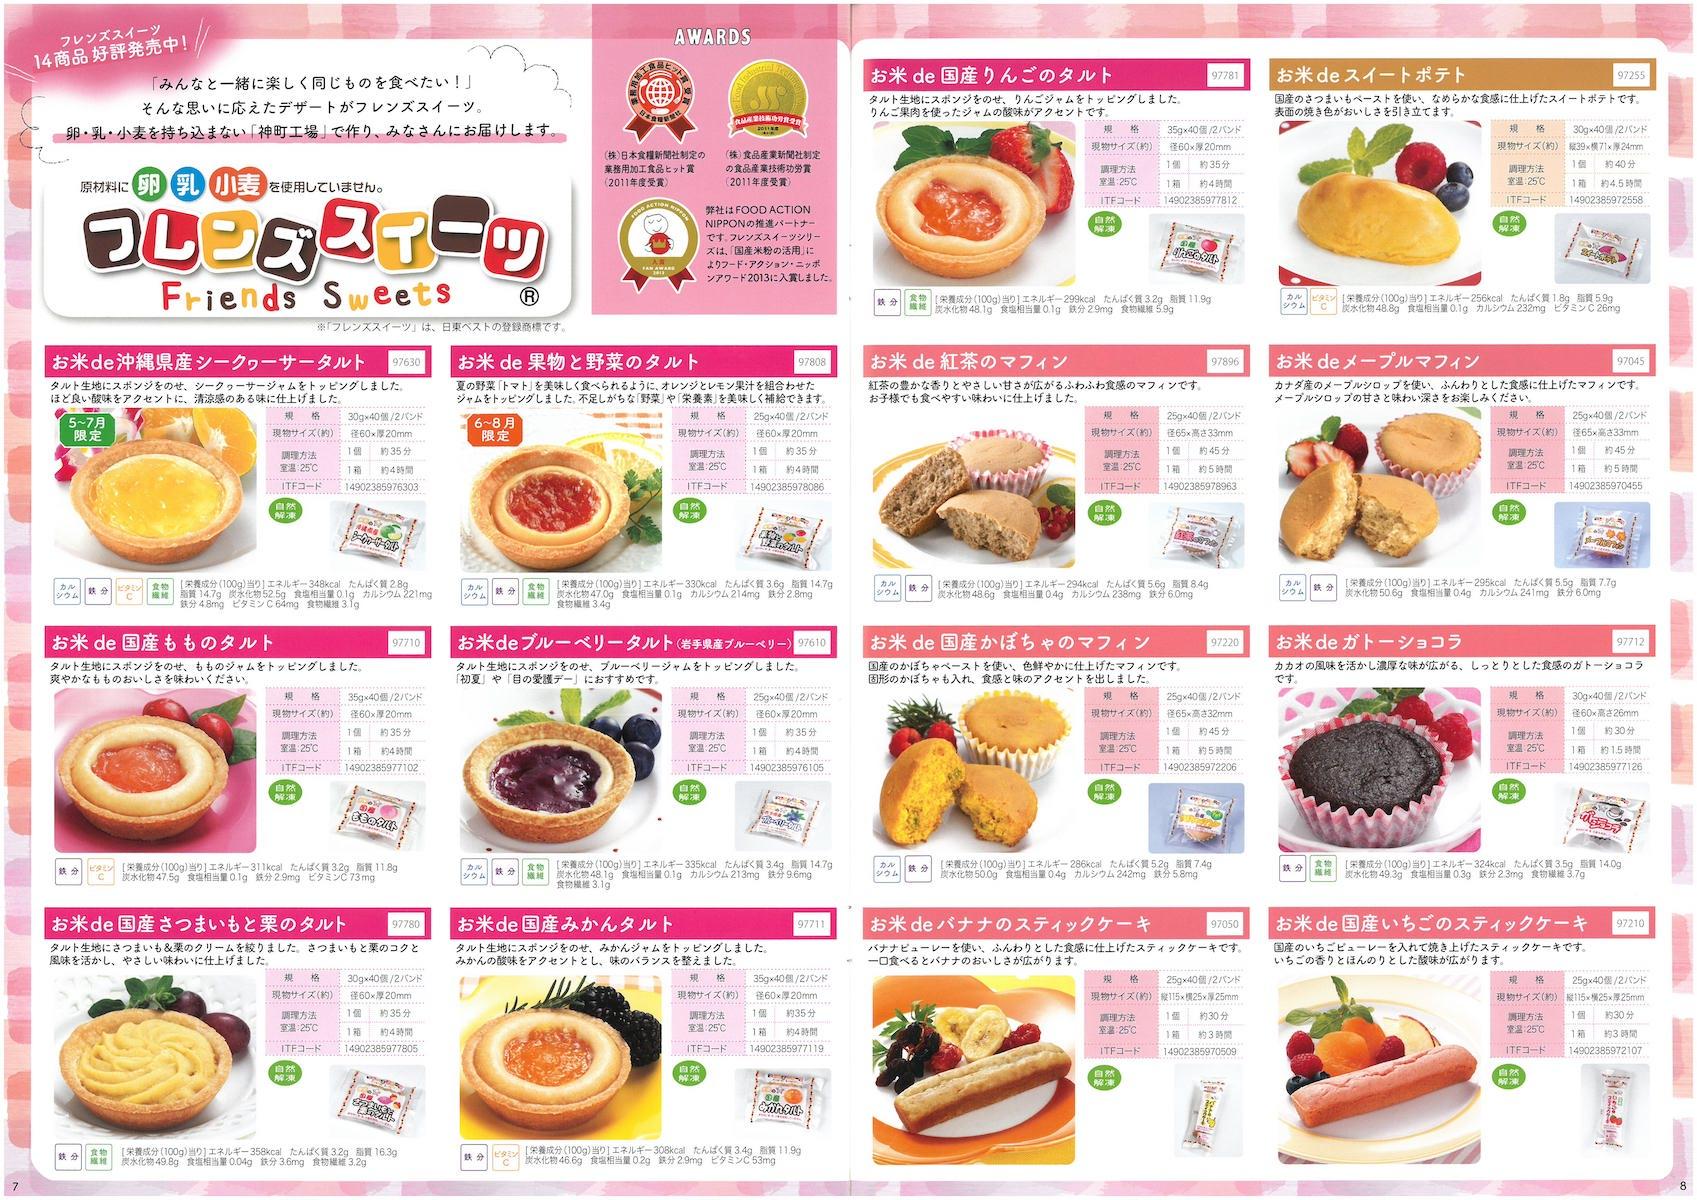 日東ベスト2018秋号フレンズシリーズ 2つのフレンズシリーズ 食物アレルギー対応特集